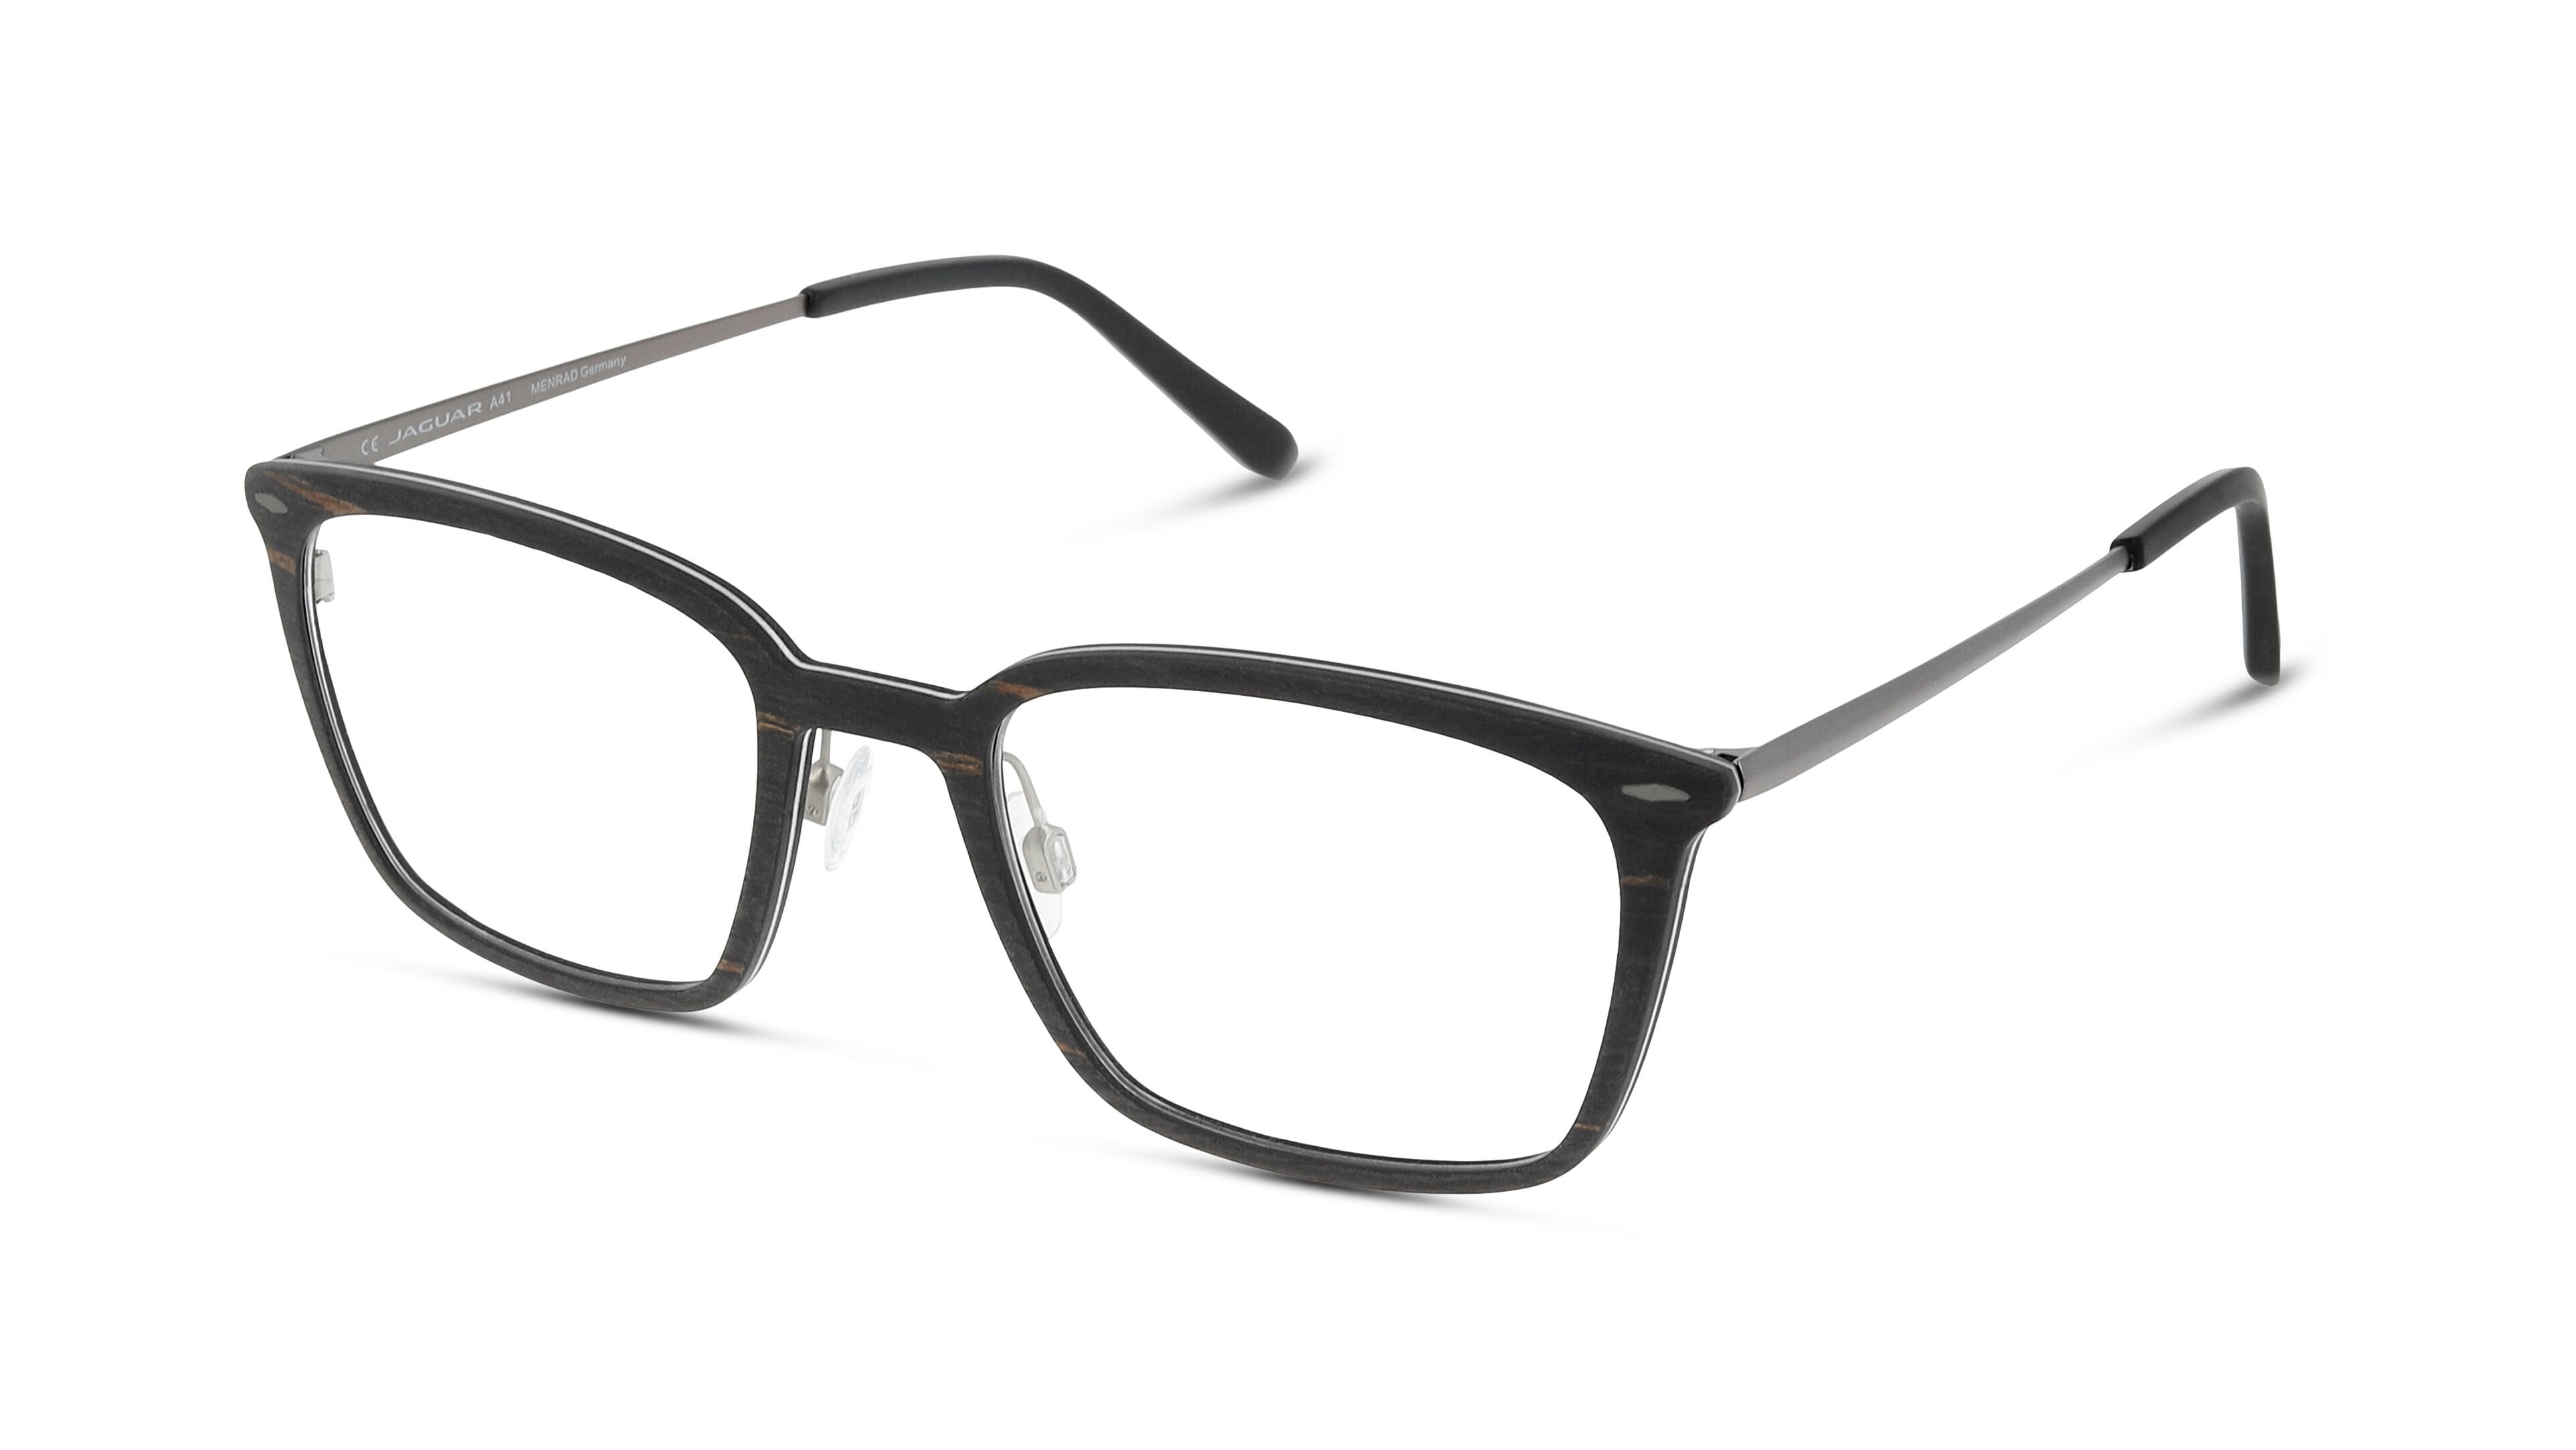 4051854297609-angle-brillenfassung-jaguar-32703-black